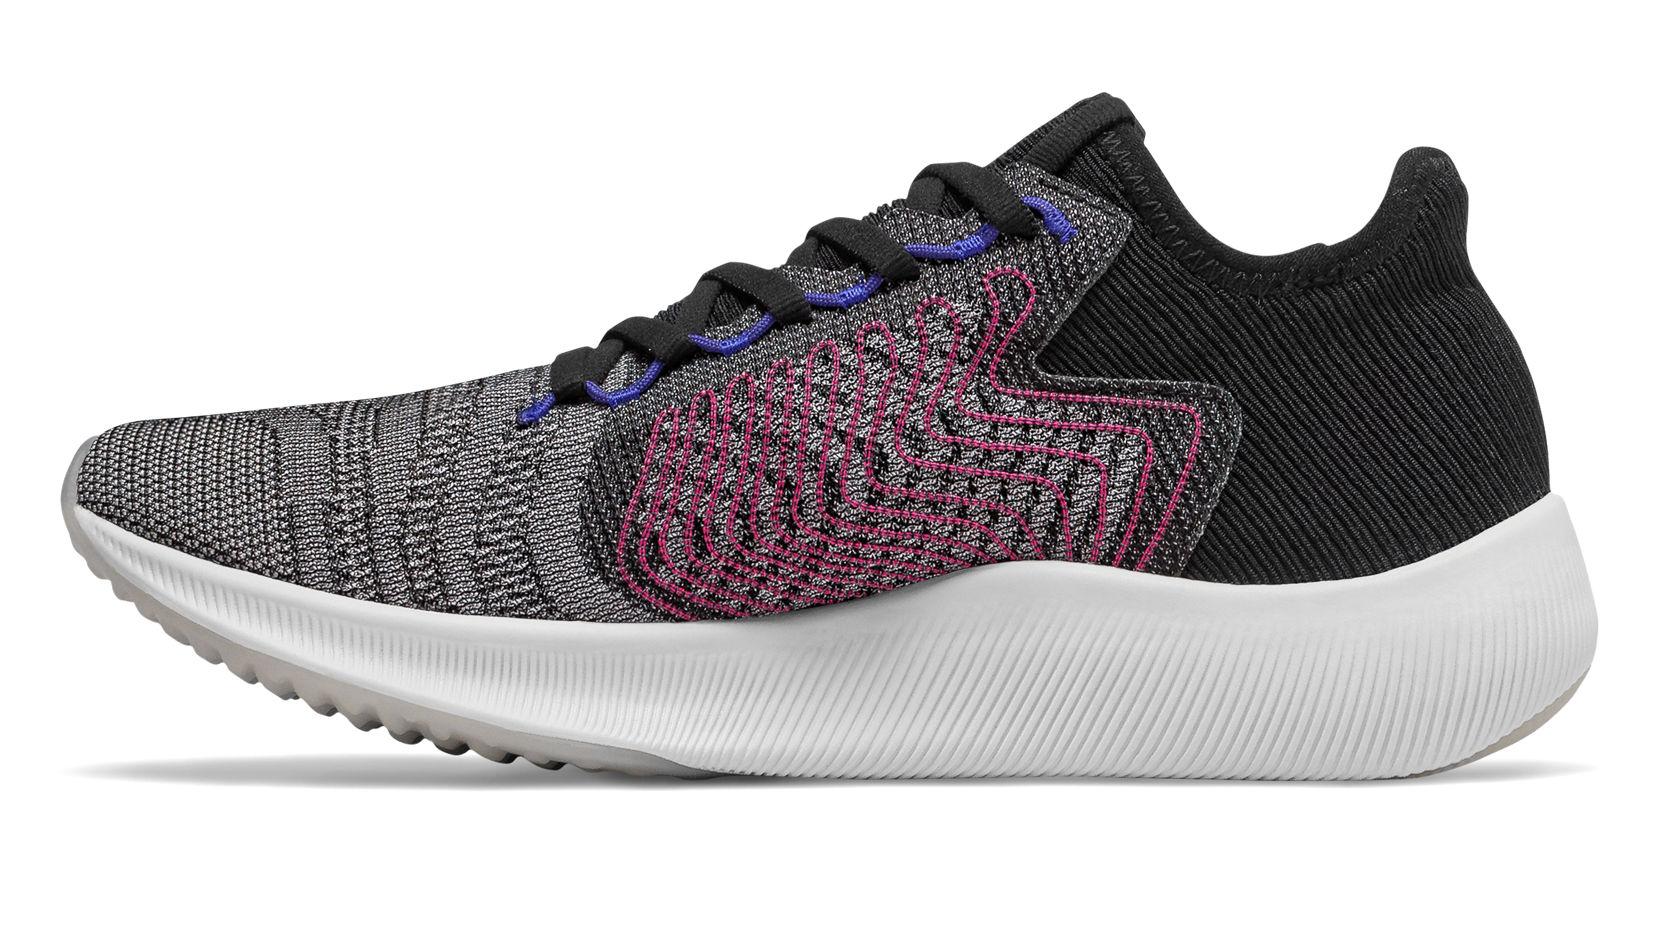 Estas zapatillas combinan su diseño agresivo con una pisada fiable para percibir más velocidad.